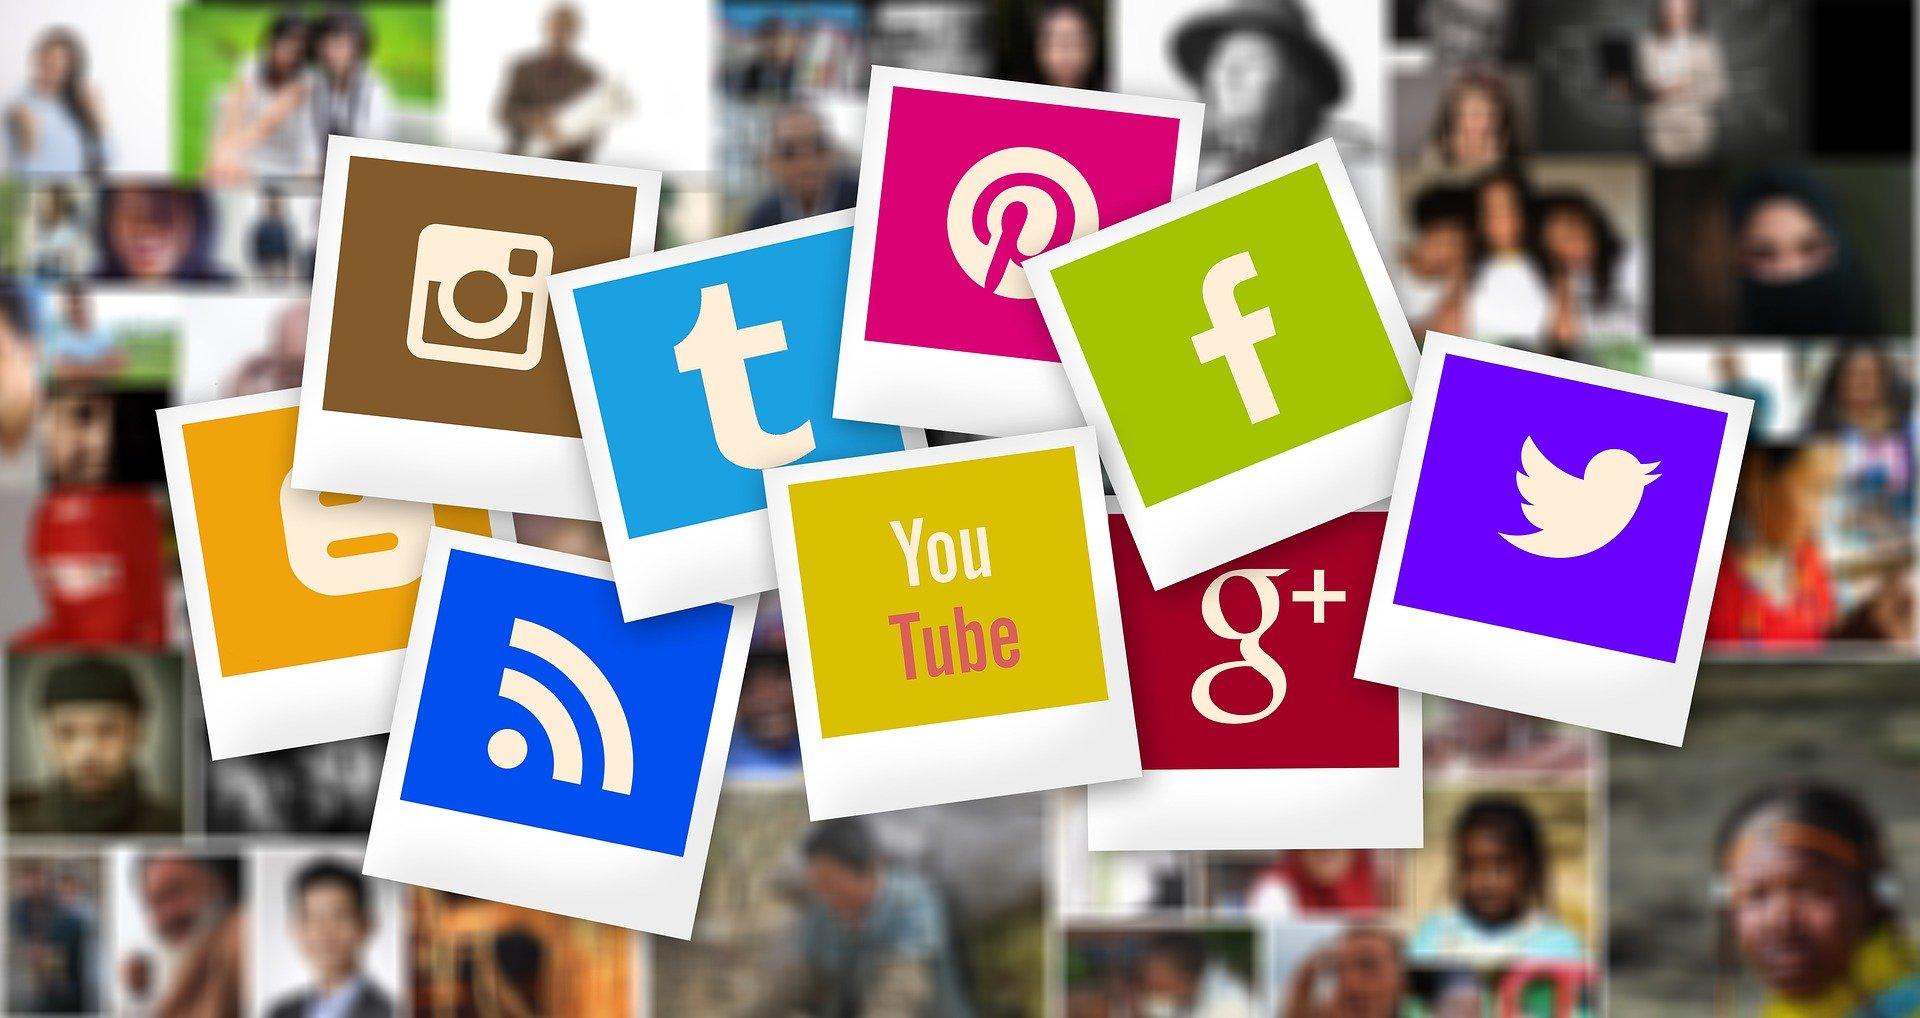 איך למשוך את תשומת לב הגולשים במדיה החברתית